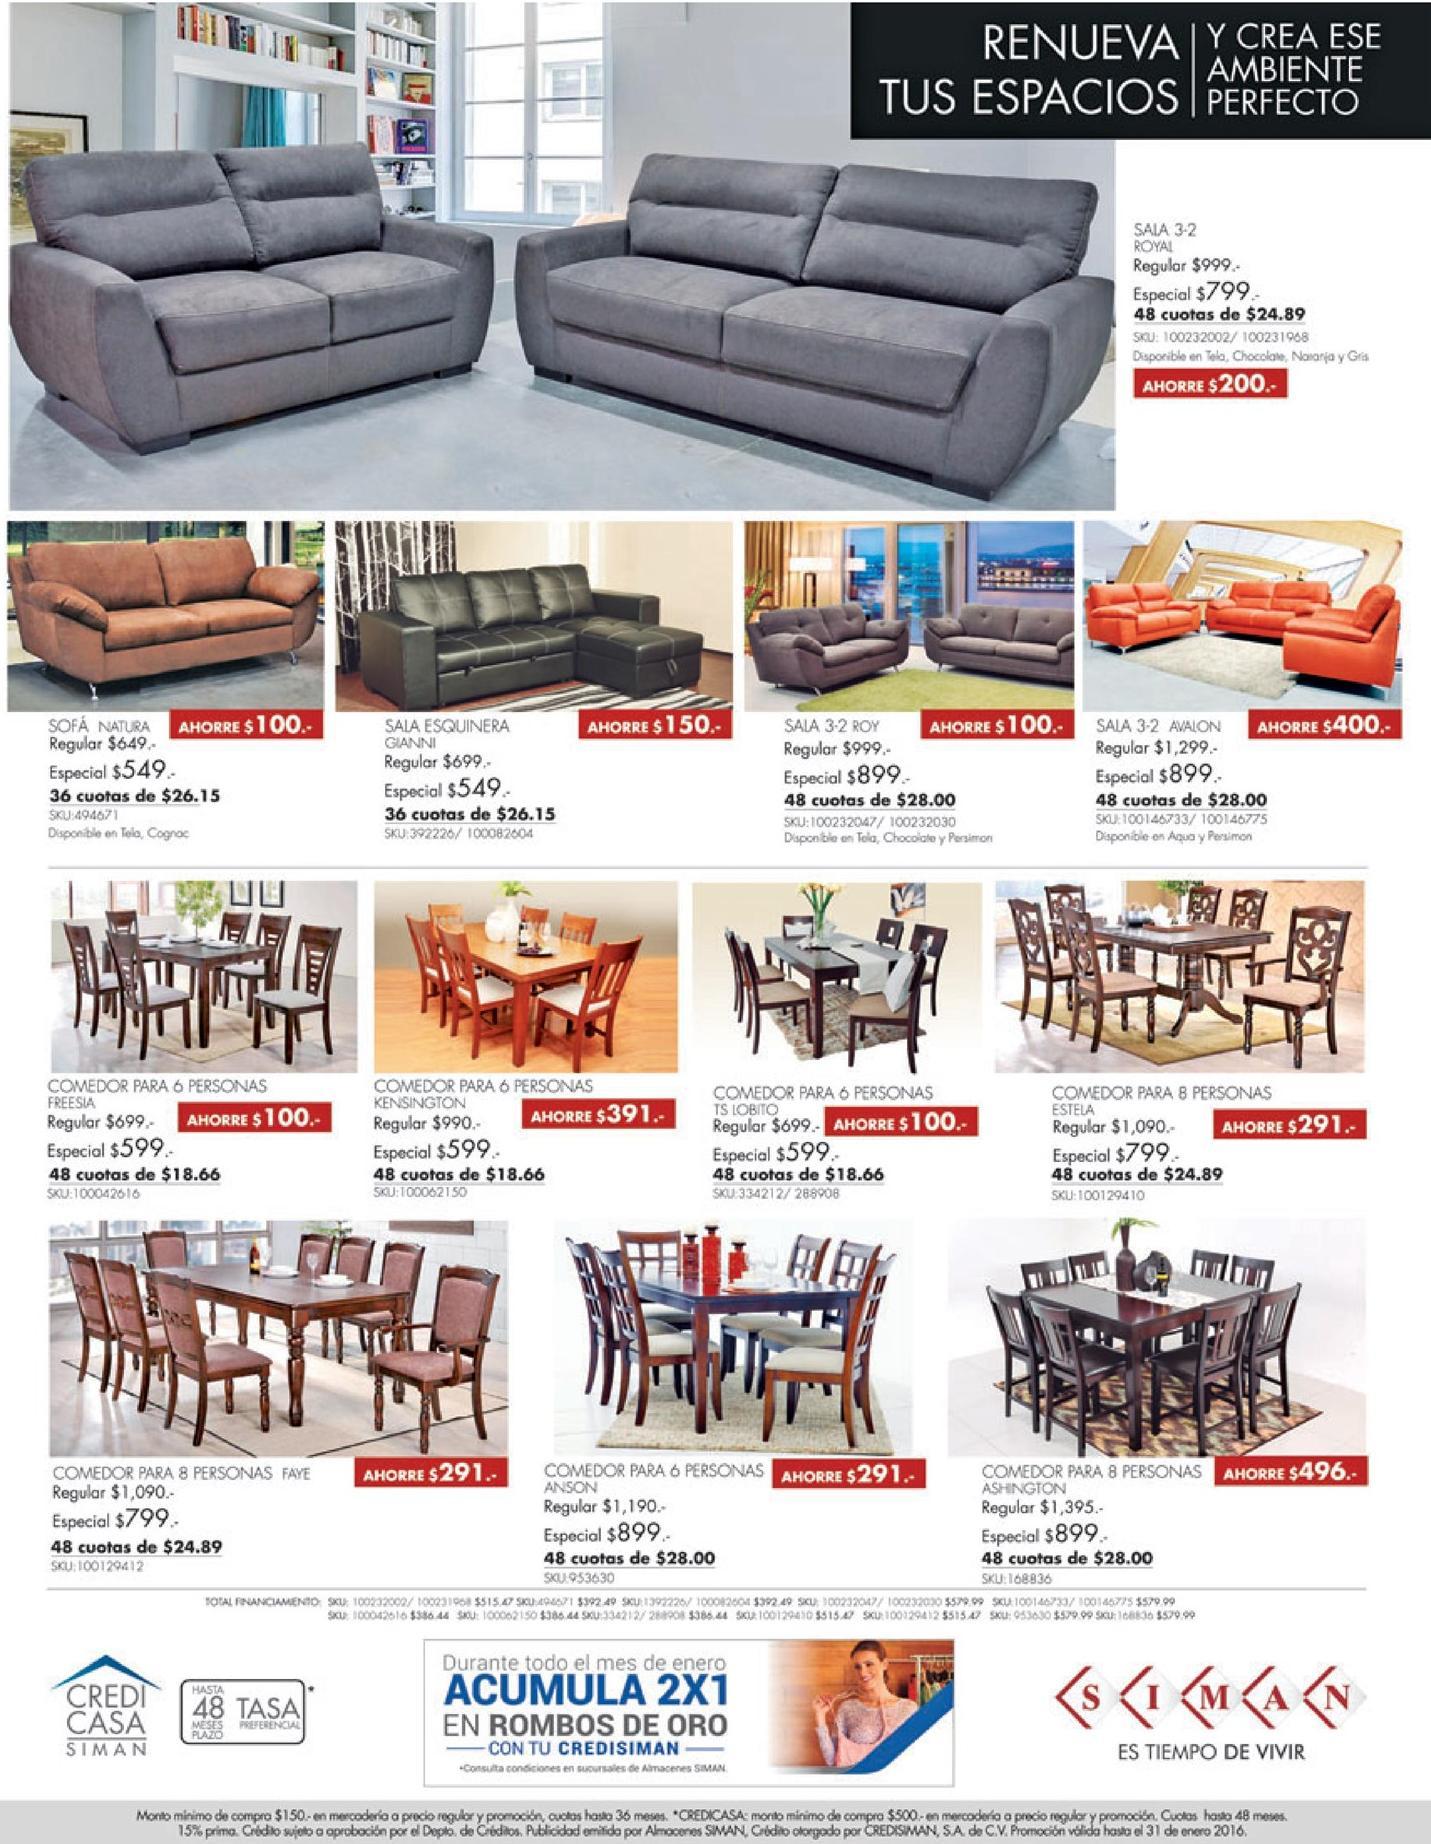 SIMAN ofertas de muebles y comedores enero 2016 - Ofertas Ahora